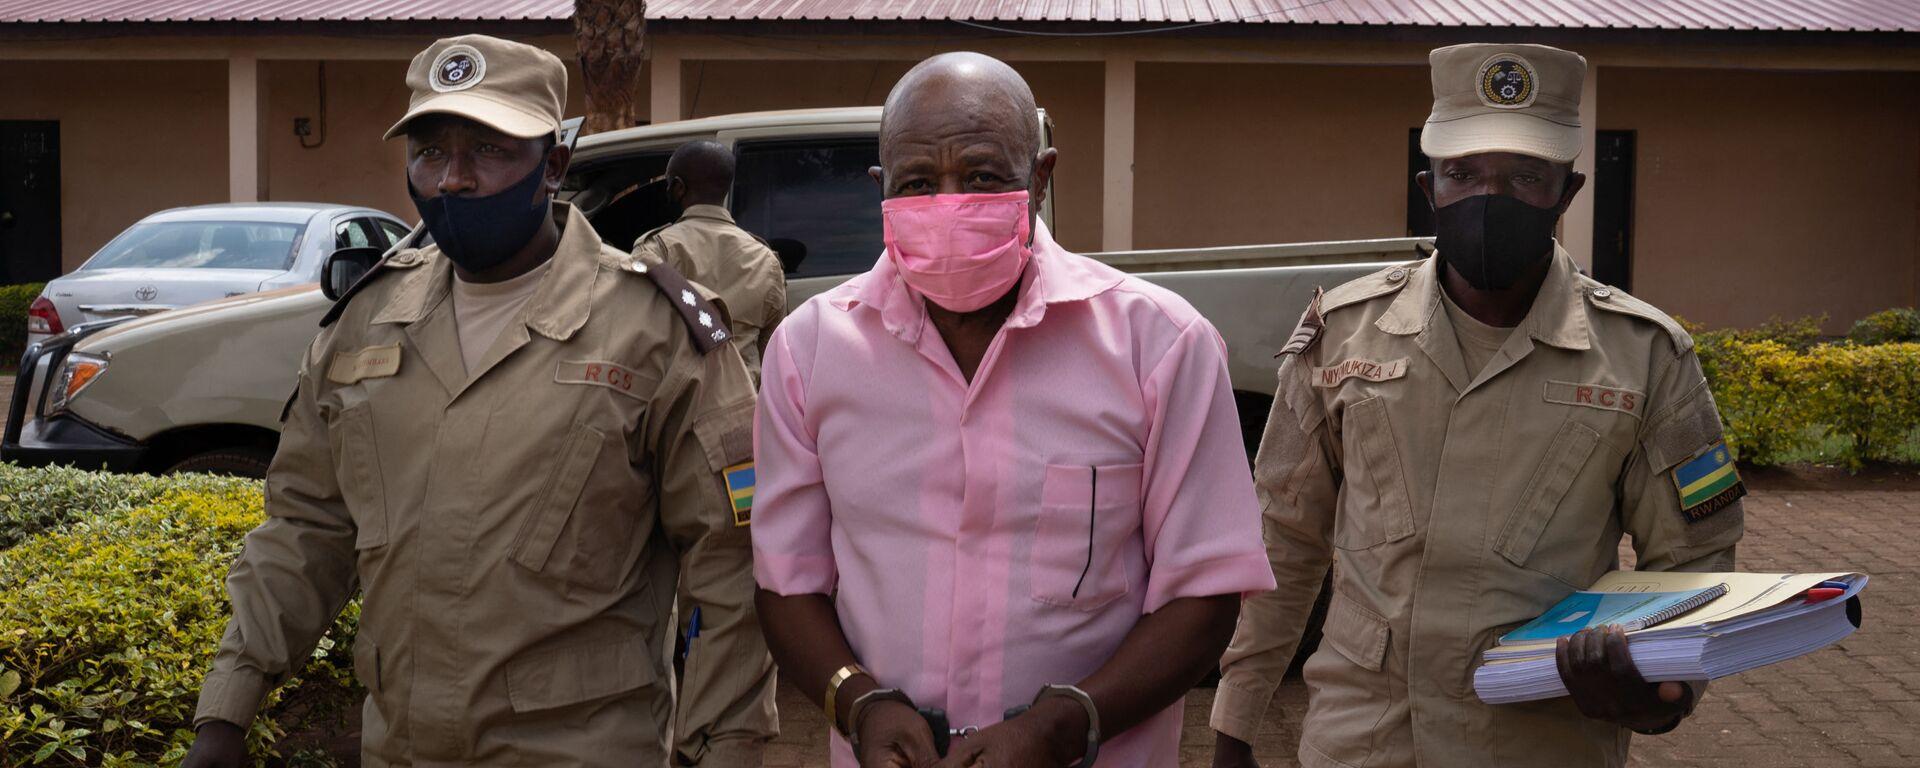 Paul Rusesabagina, en uniforme rose de détenu, arrive à la Cour de justice de Nyarugenge à Kigali, le 2 octobre 2020 - Sputnik France, 1920, 27.03.2021